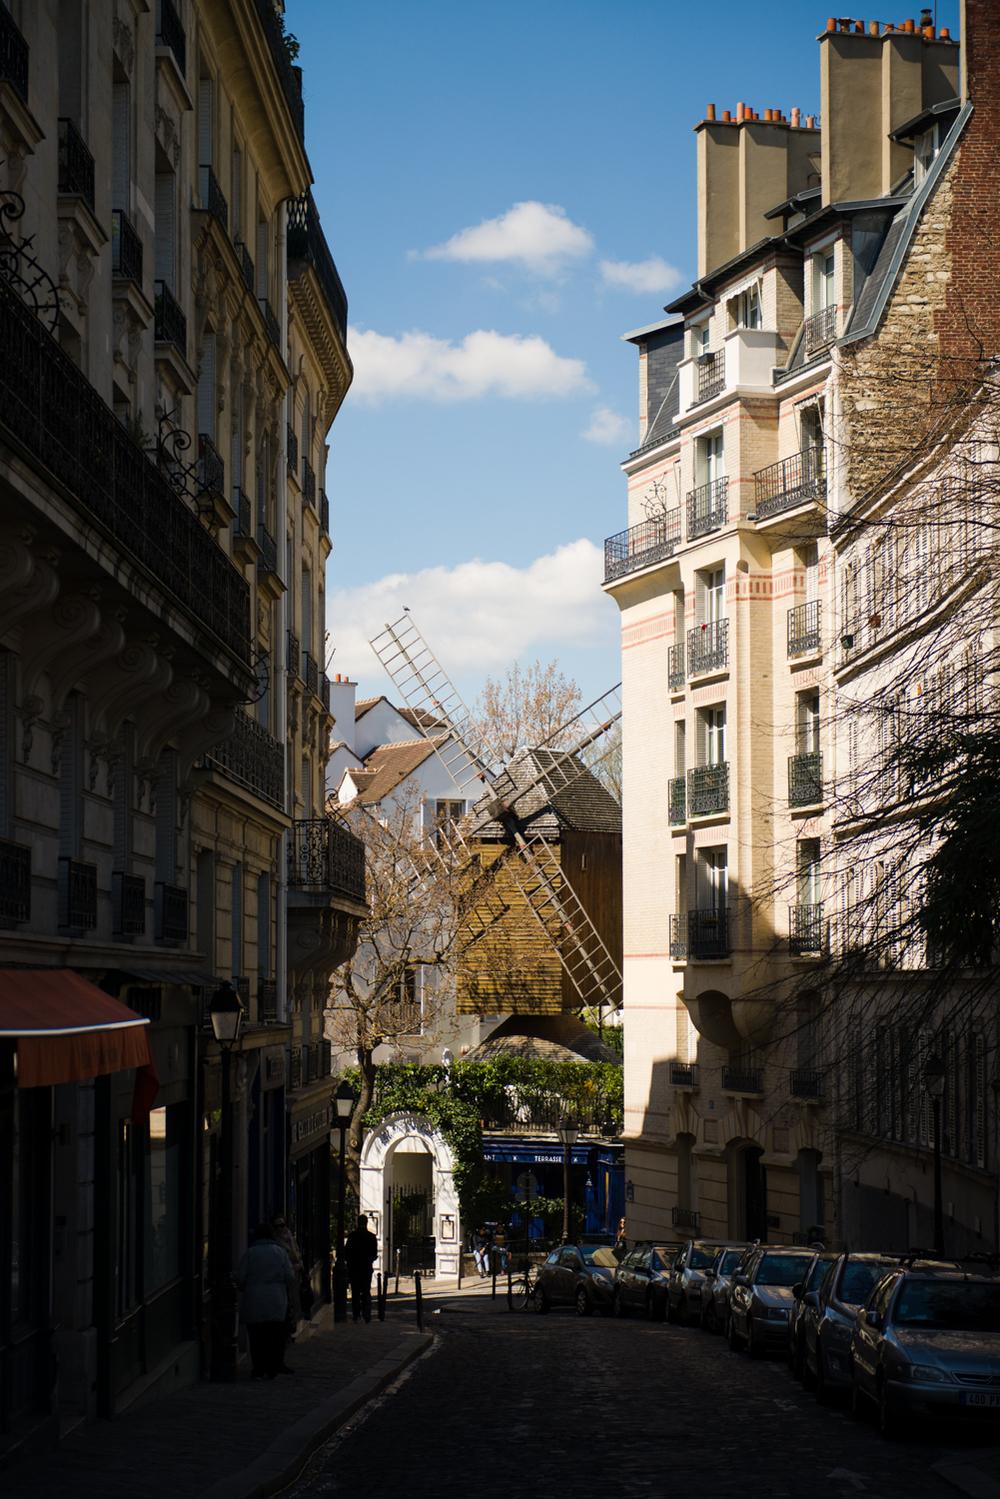 LE MOULIN DE LA GALETTE - PHOTOGRAPHY : WILLIAM LOUNSBURY - NIKON D800 - NIKKOR 24-70MM F/2.8 @ 70MM - F/2.8- 1/4000 - ISO:200